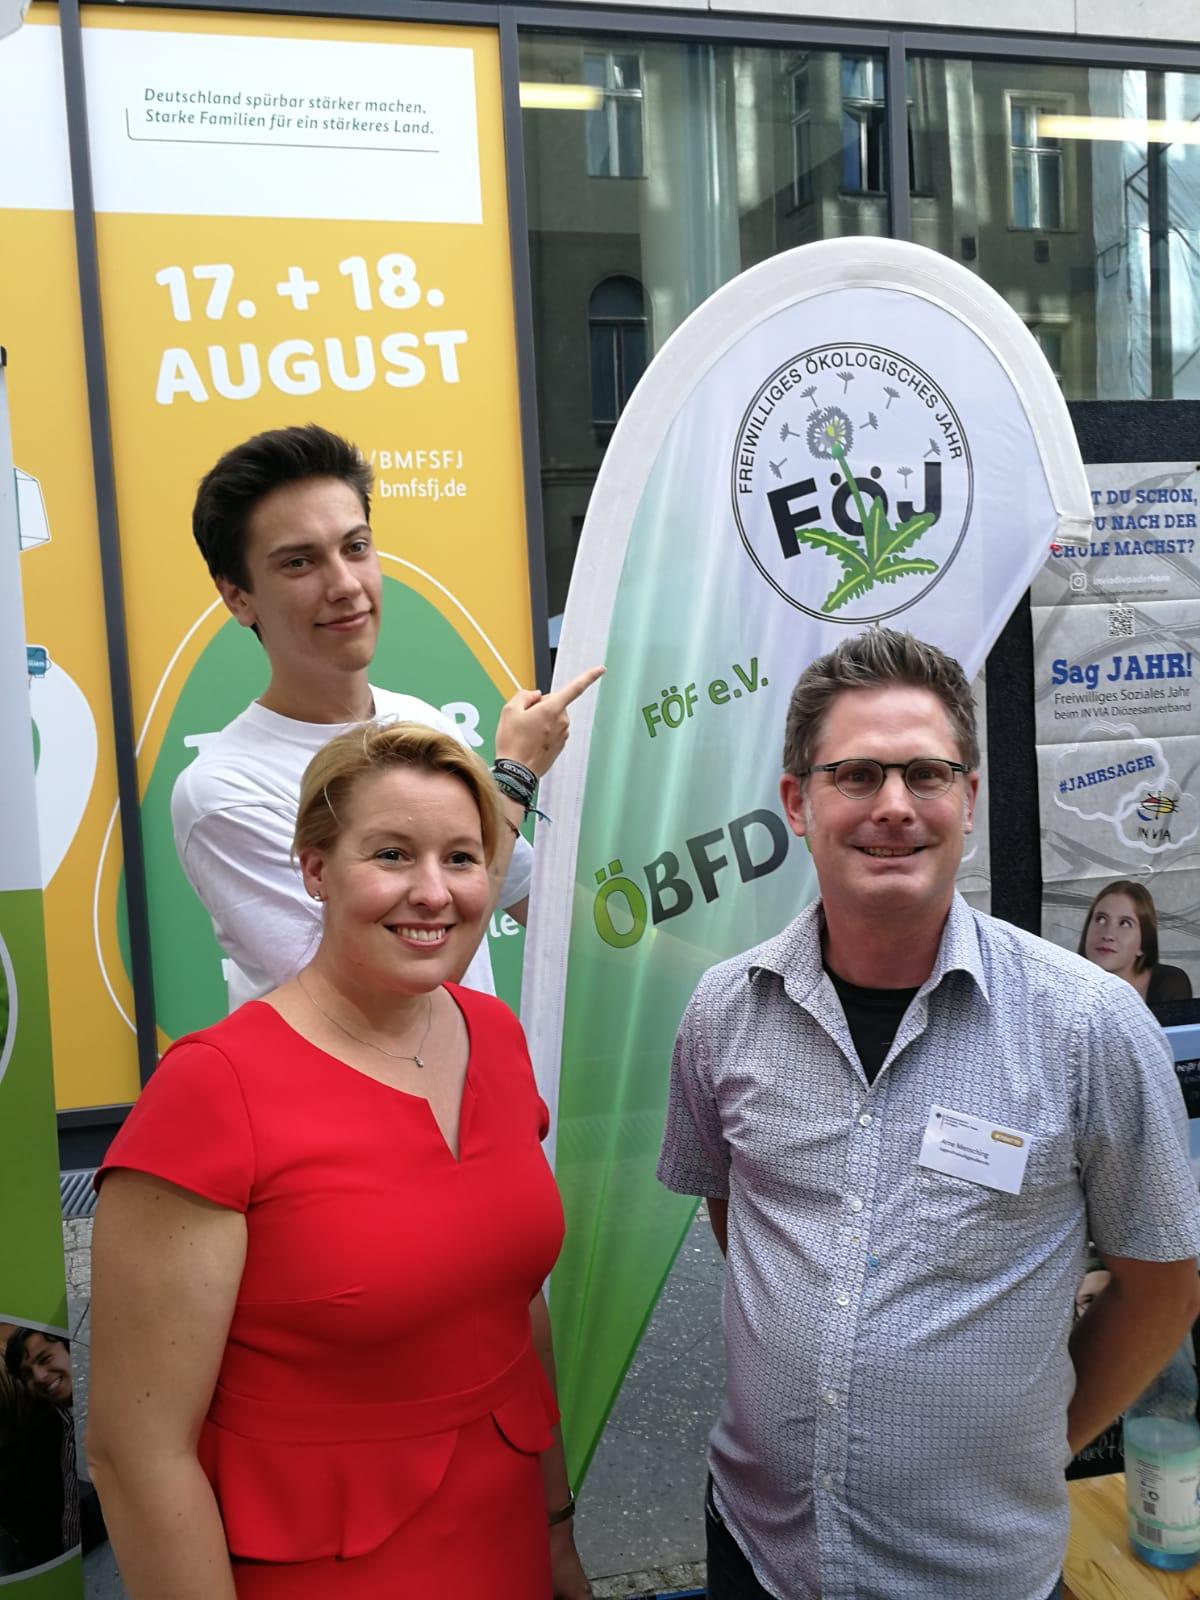 Dr. Franziska Giffey (Bundesministerin für Familie, Senioren, Frauen und Jugend), Arne Mensching (stellv. Vorsitzender FÖF e.V.)